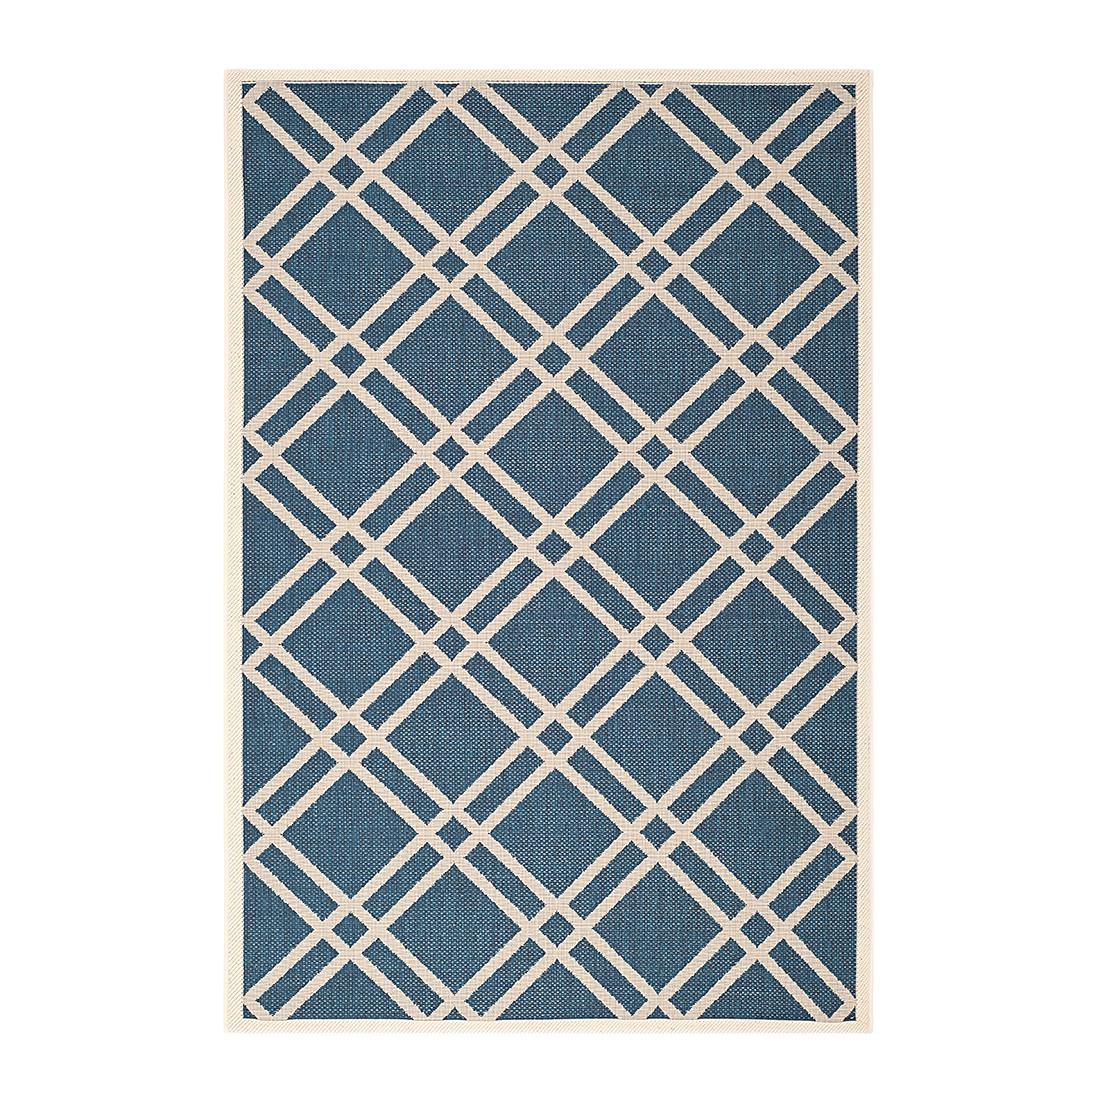 In-/Outdoorteppich Marbella – Blau/Beige – Maße: 200 x 289 cm, Safavieh bestellen